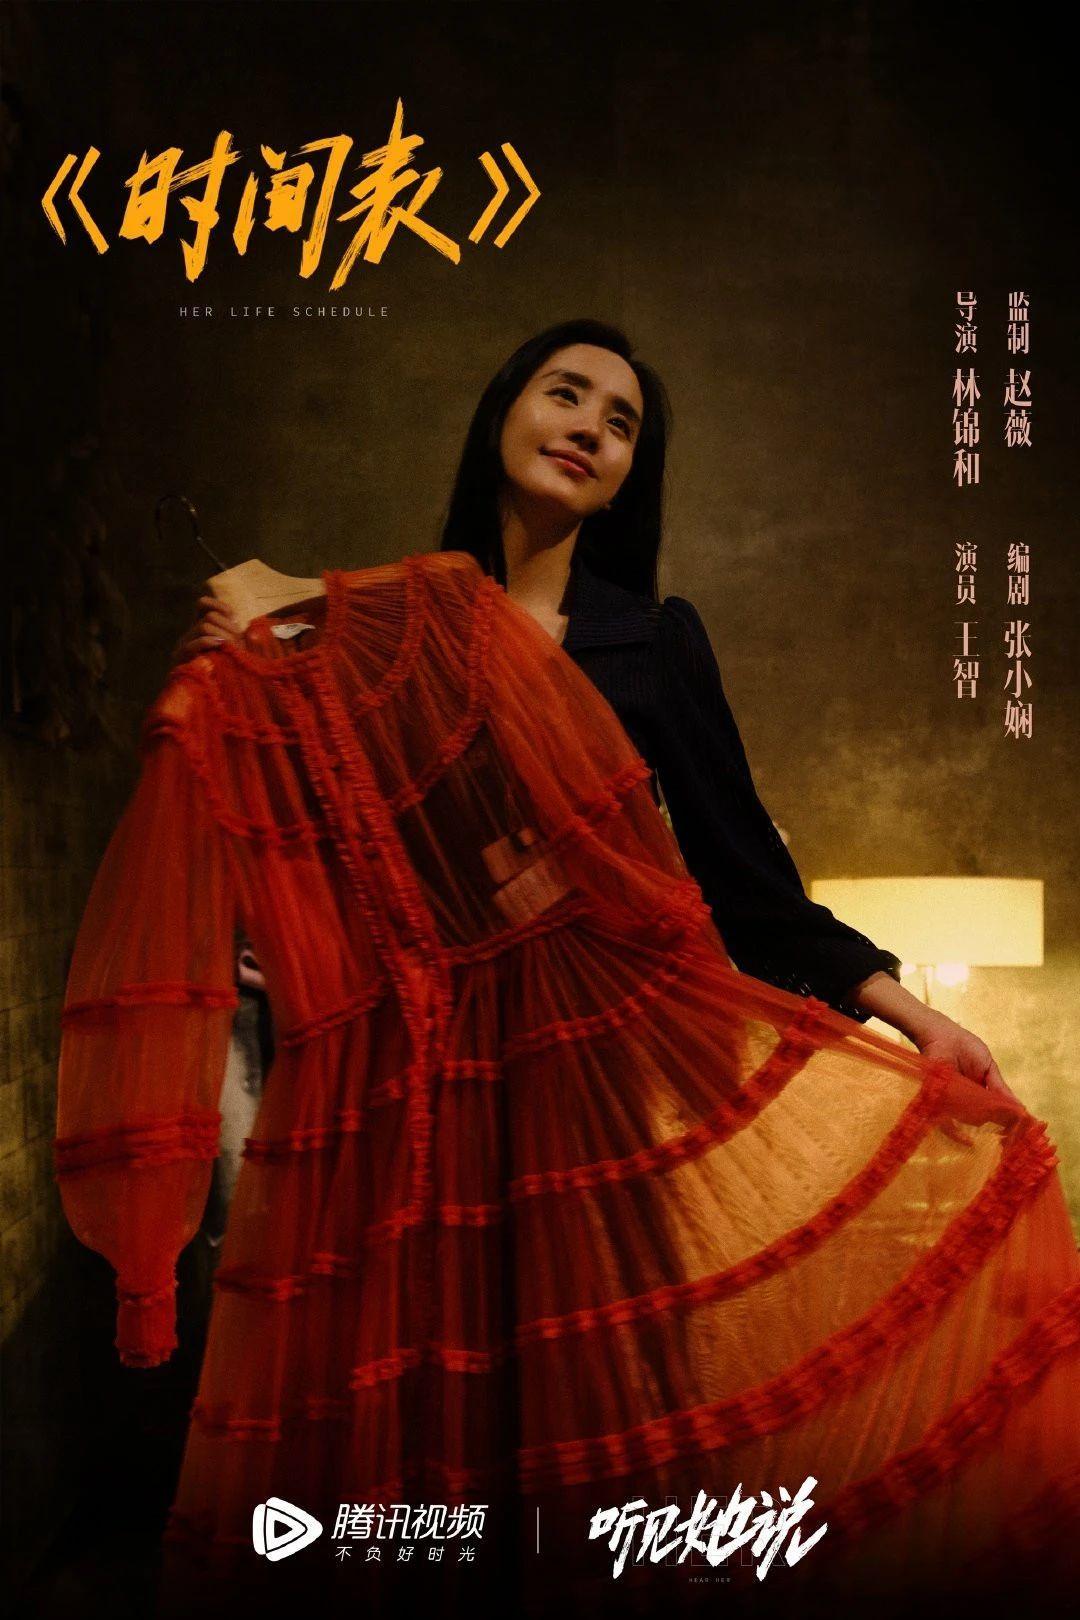 网剧《听见她说》以一种独白剧的形式展开描述现代女性在各个方面的压力和困境 (5)